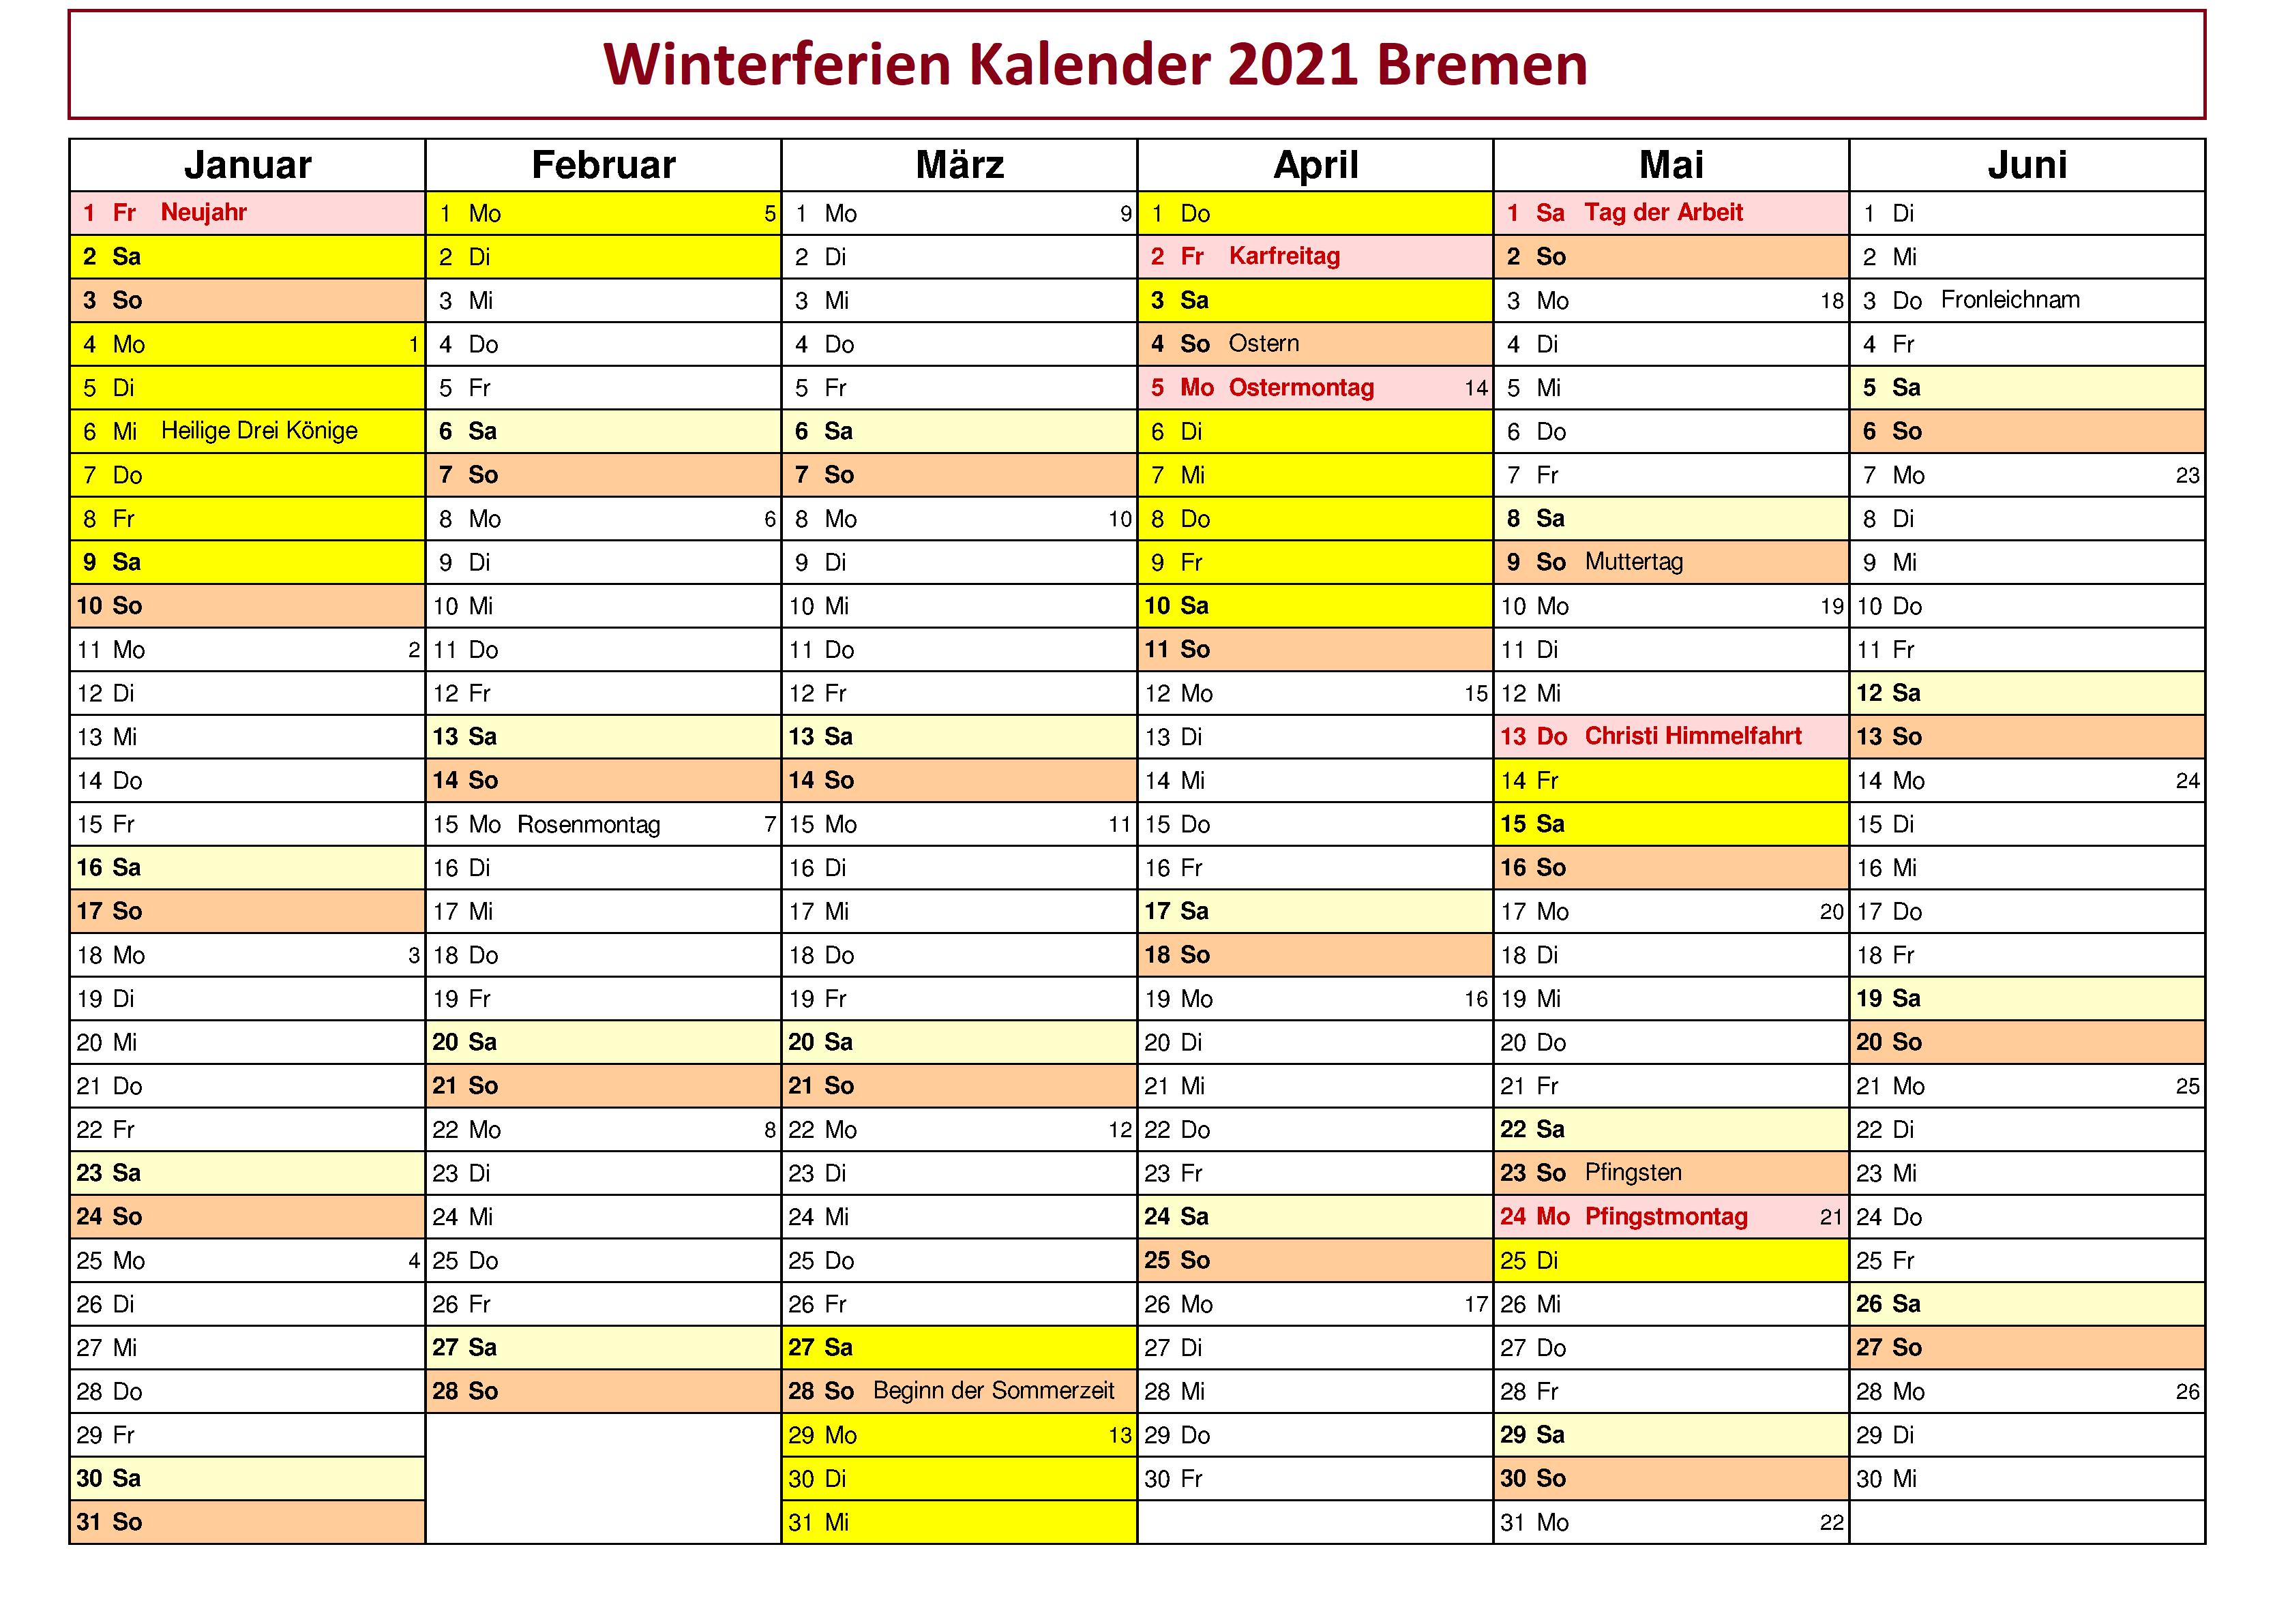 WinterferienKalender 2021 Bremen Zum Ausdrucken